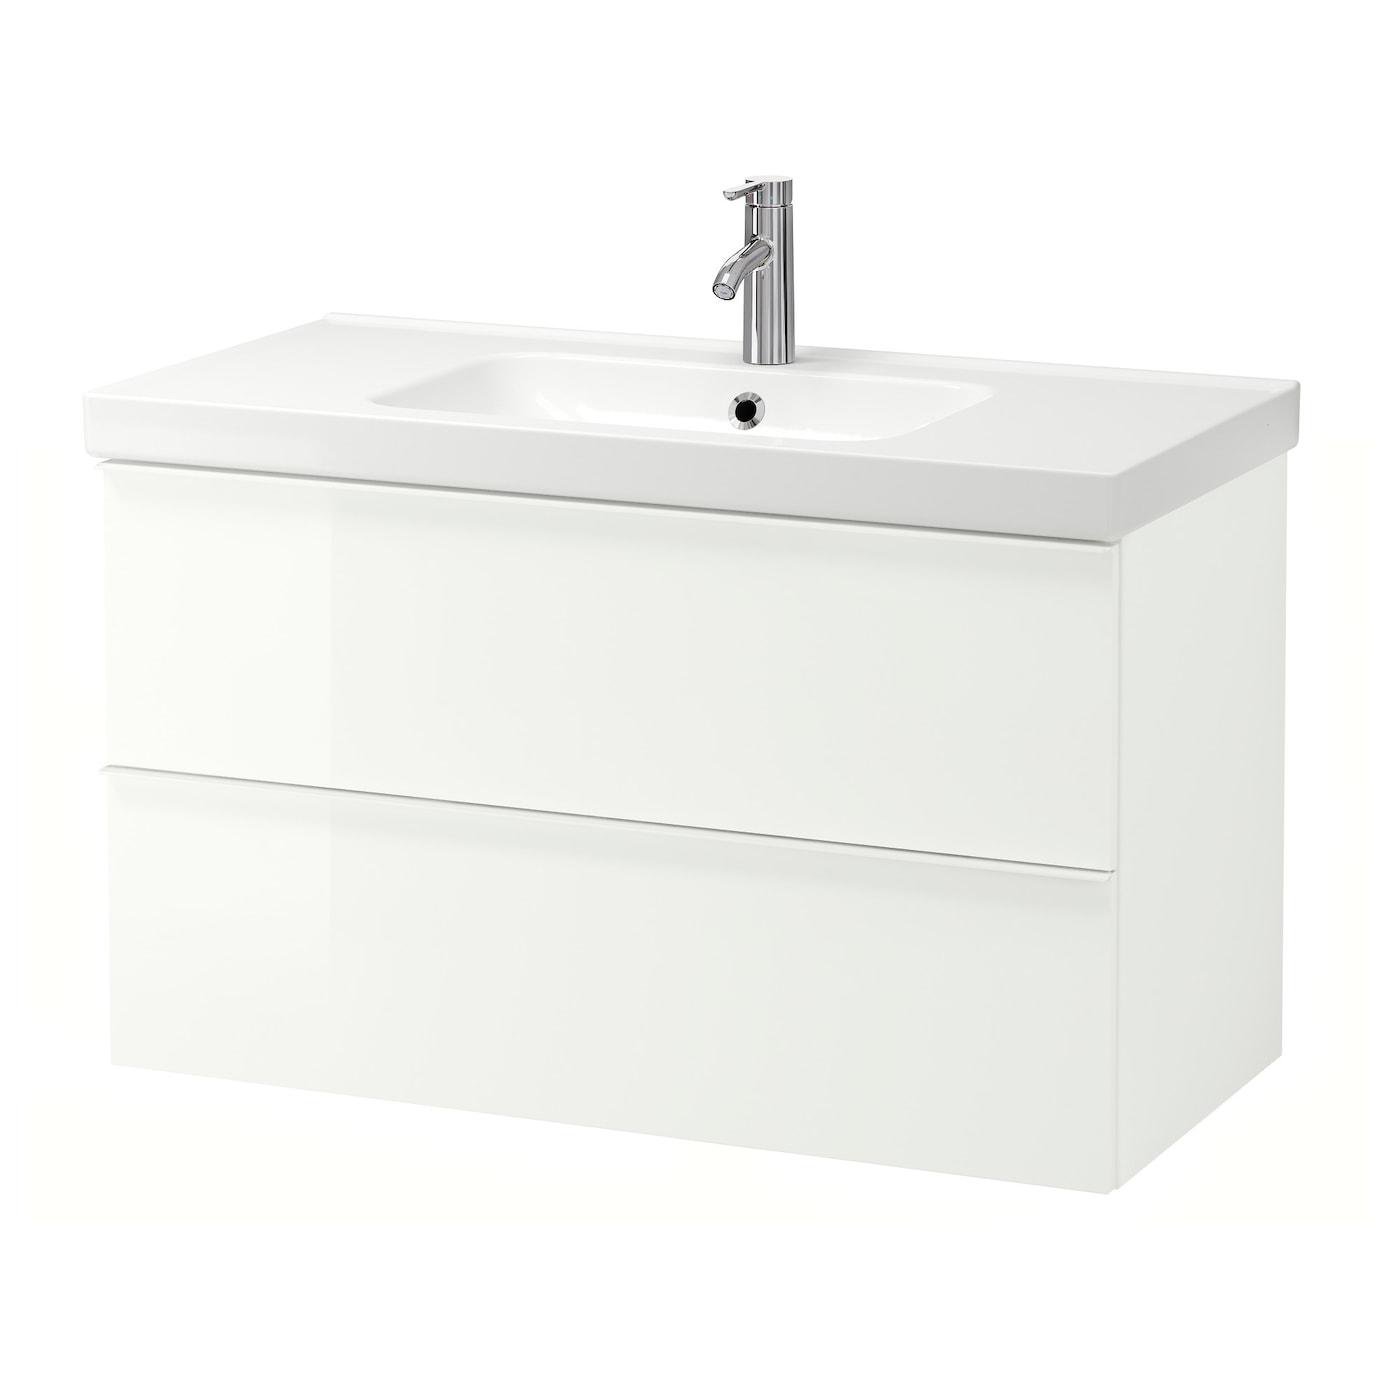 100 Génial Suggestions Meuble Et Vasque Salle De Bain Ikea